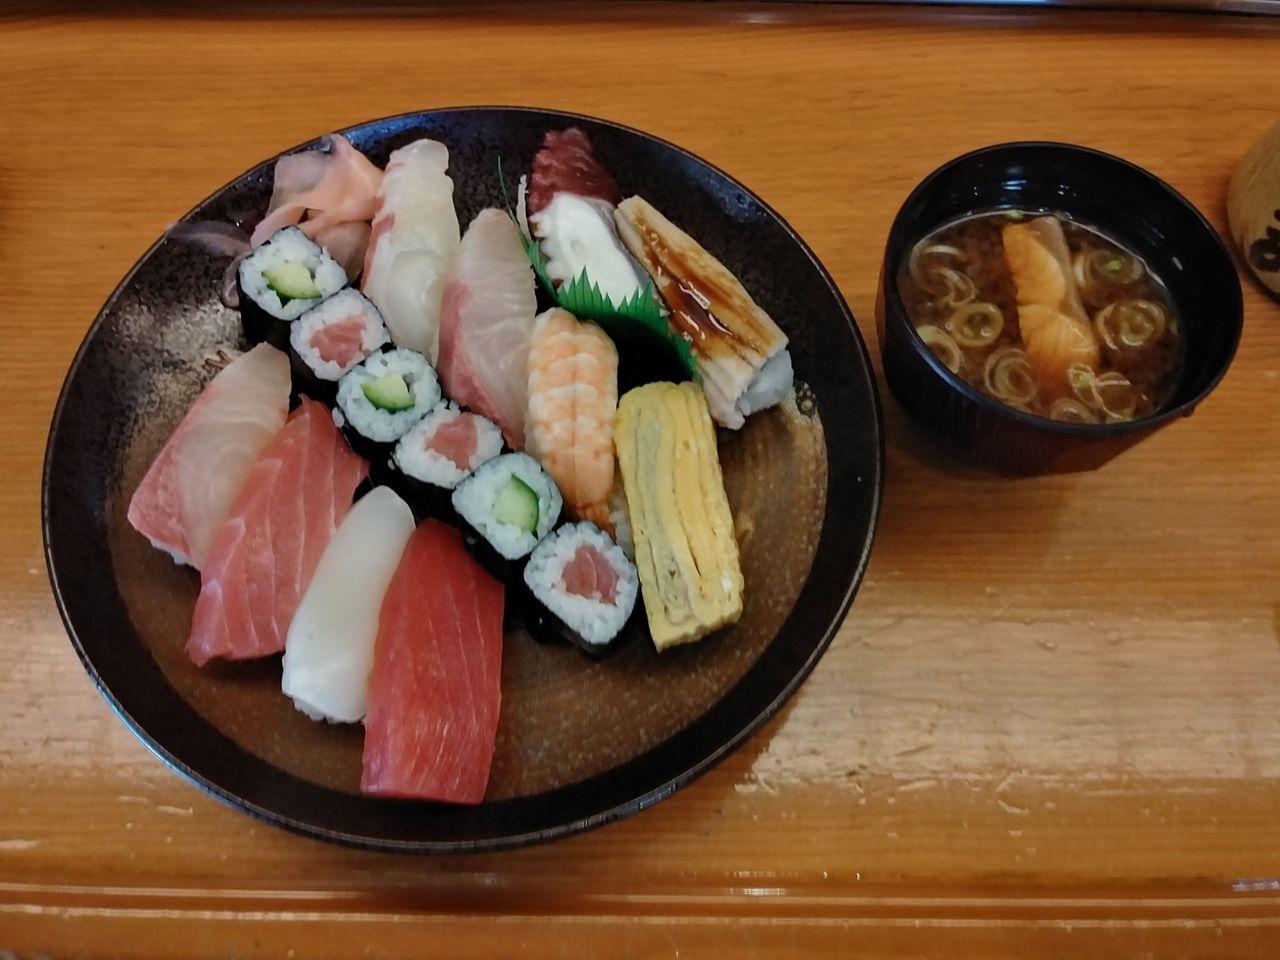 100円寿司と比較してはいけません。ネタの厚み、シャリの重量感、満腹定食のネーミングに偽りなしです!